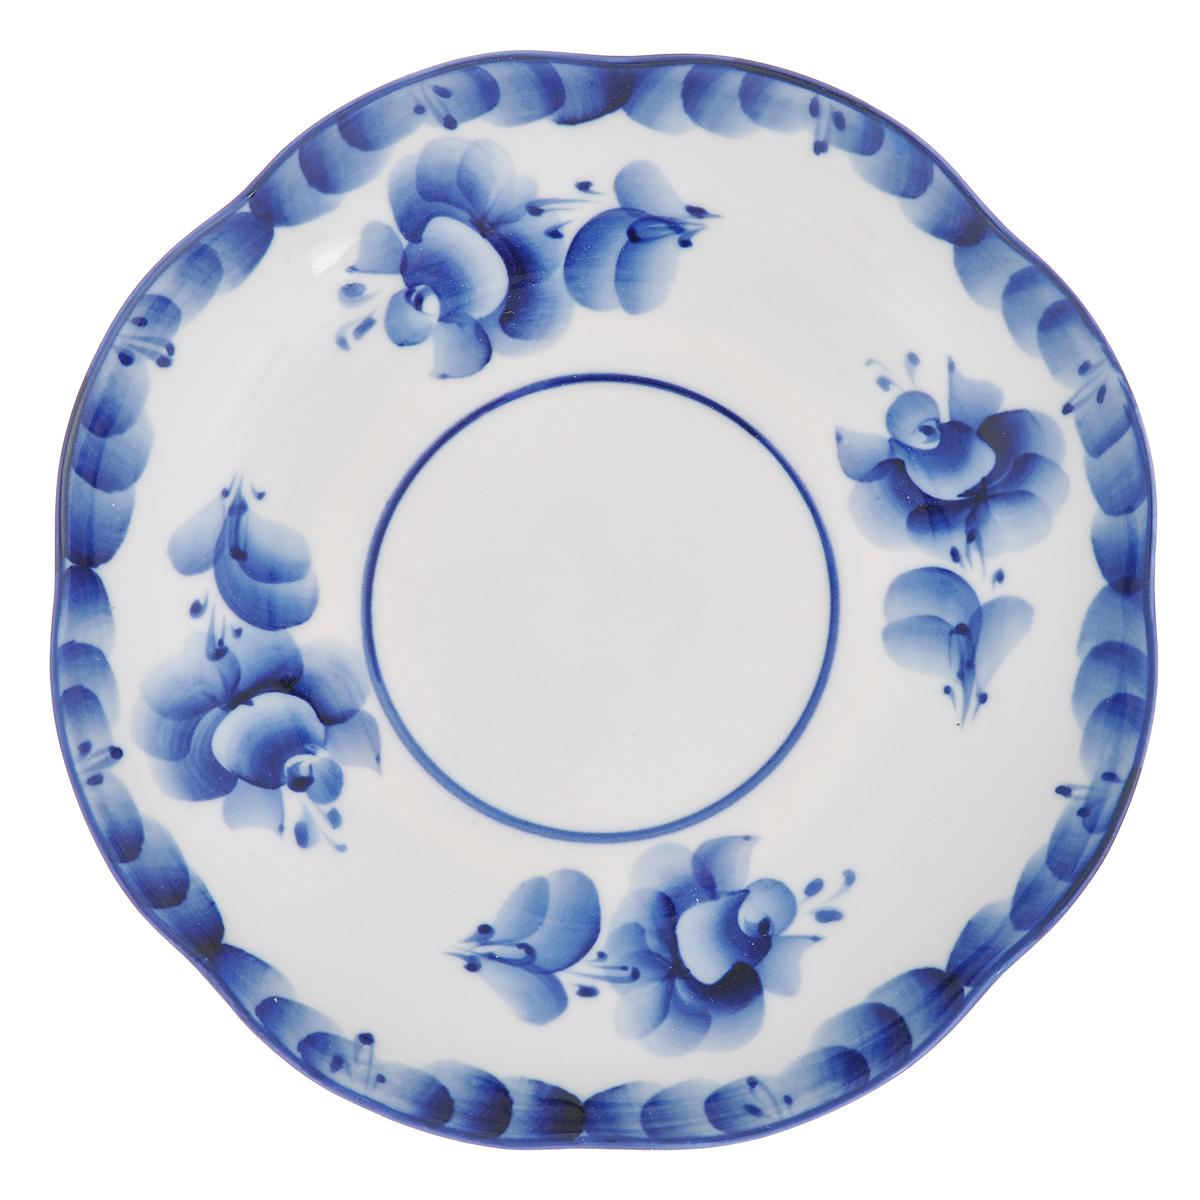 Блюдце Улыбка, диаметр 17,5 см993016902_вид 1Блюдце Улыбка, изготовленное из высококачественной керамики, предназначено для красивой сервировки стола. Блюдце оформлено оригинальной гжельской росписью. Прекрасный дизайн изделия идеально подойдет для сервировки стола.Обращаем ваше внимание, что роспись на изделиях выполнена вручную. Рисунок может немного отличаться от изображения на фотографии. Диаметр: 17,5 см. Высота блюдца: 2,5 см.